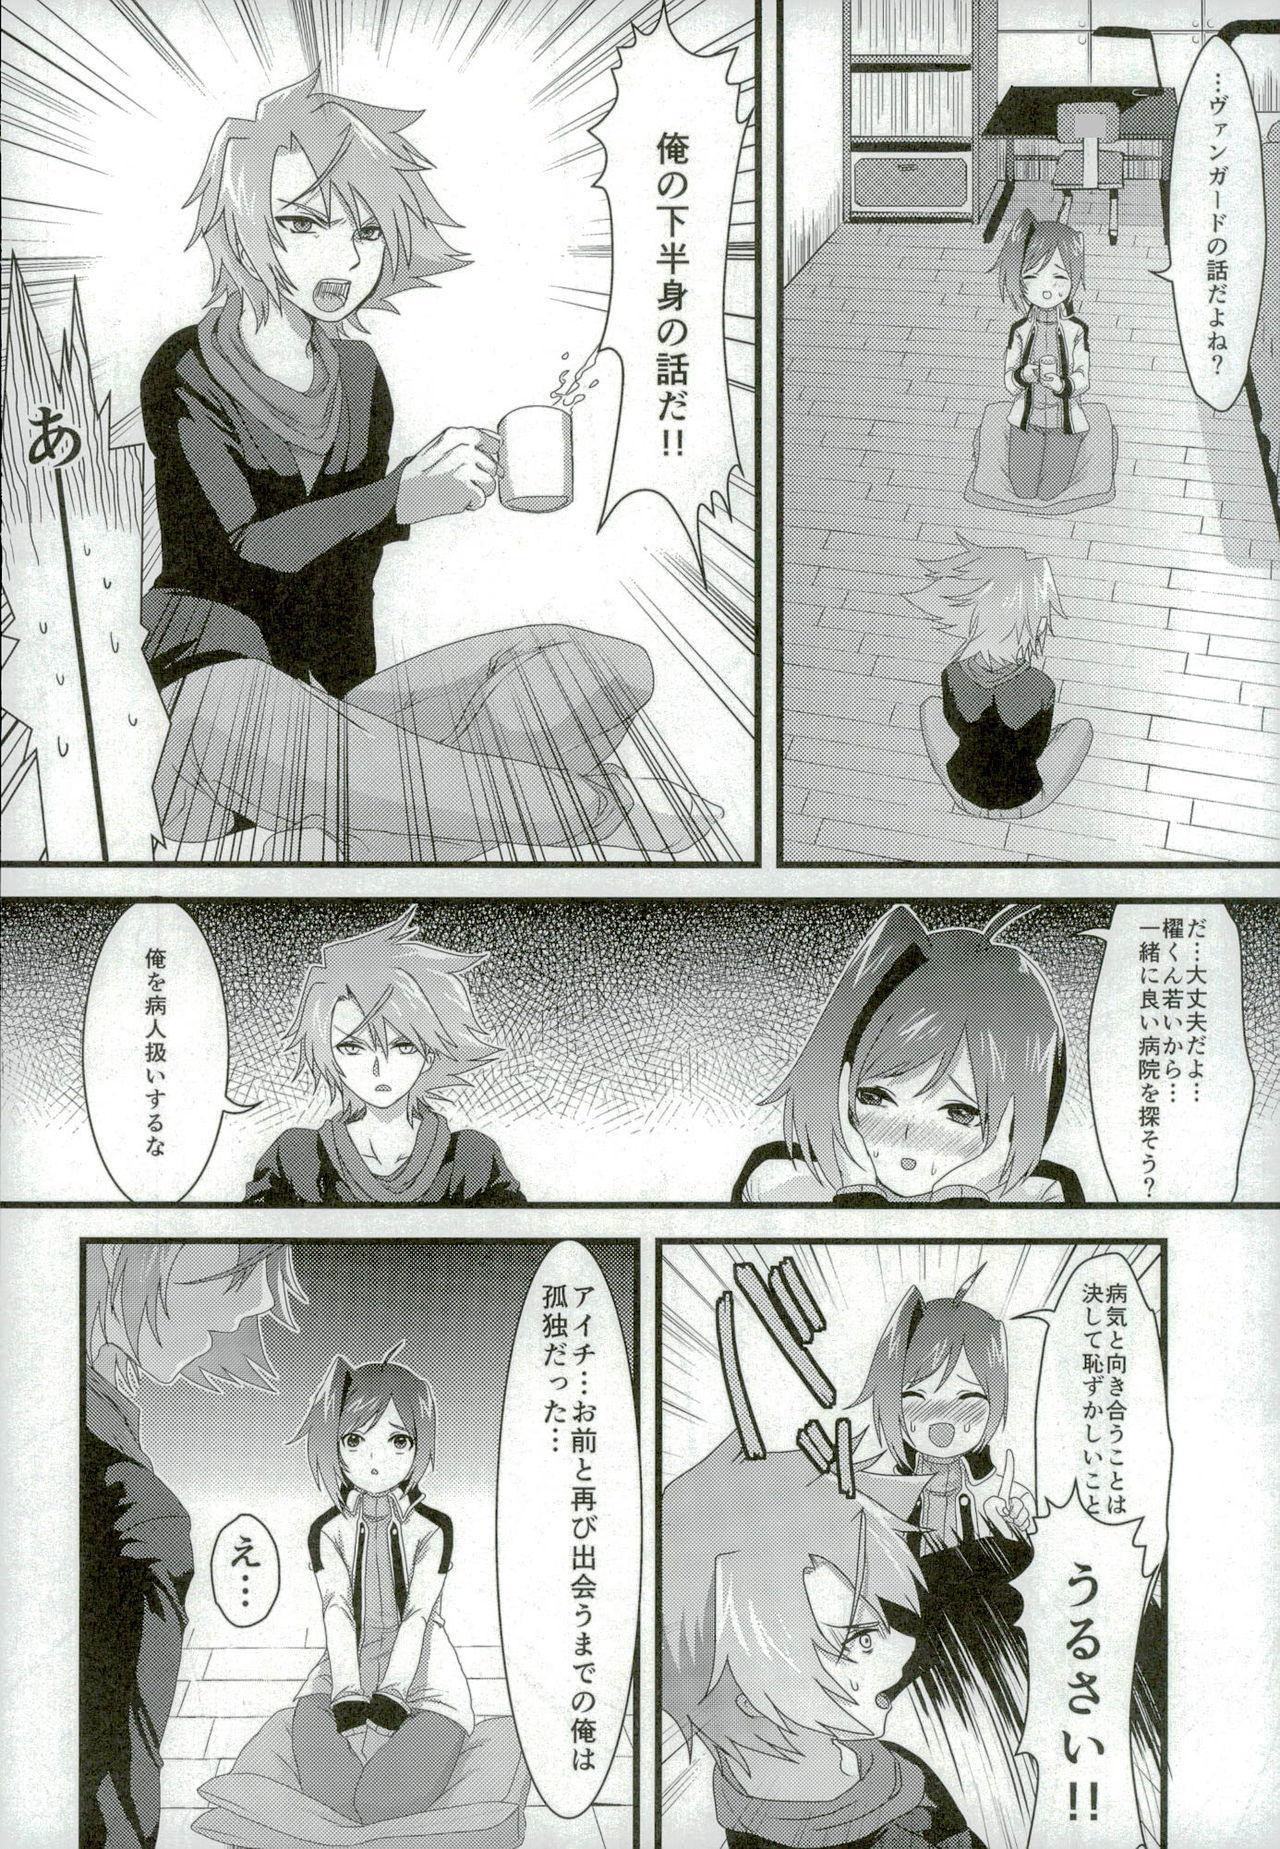 Kai-kun no Bunshin wa Fight de Shika Stand Shinai 5